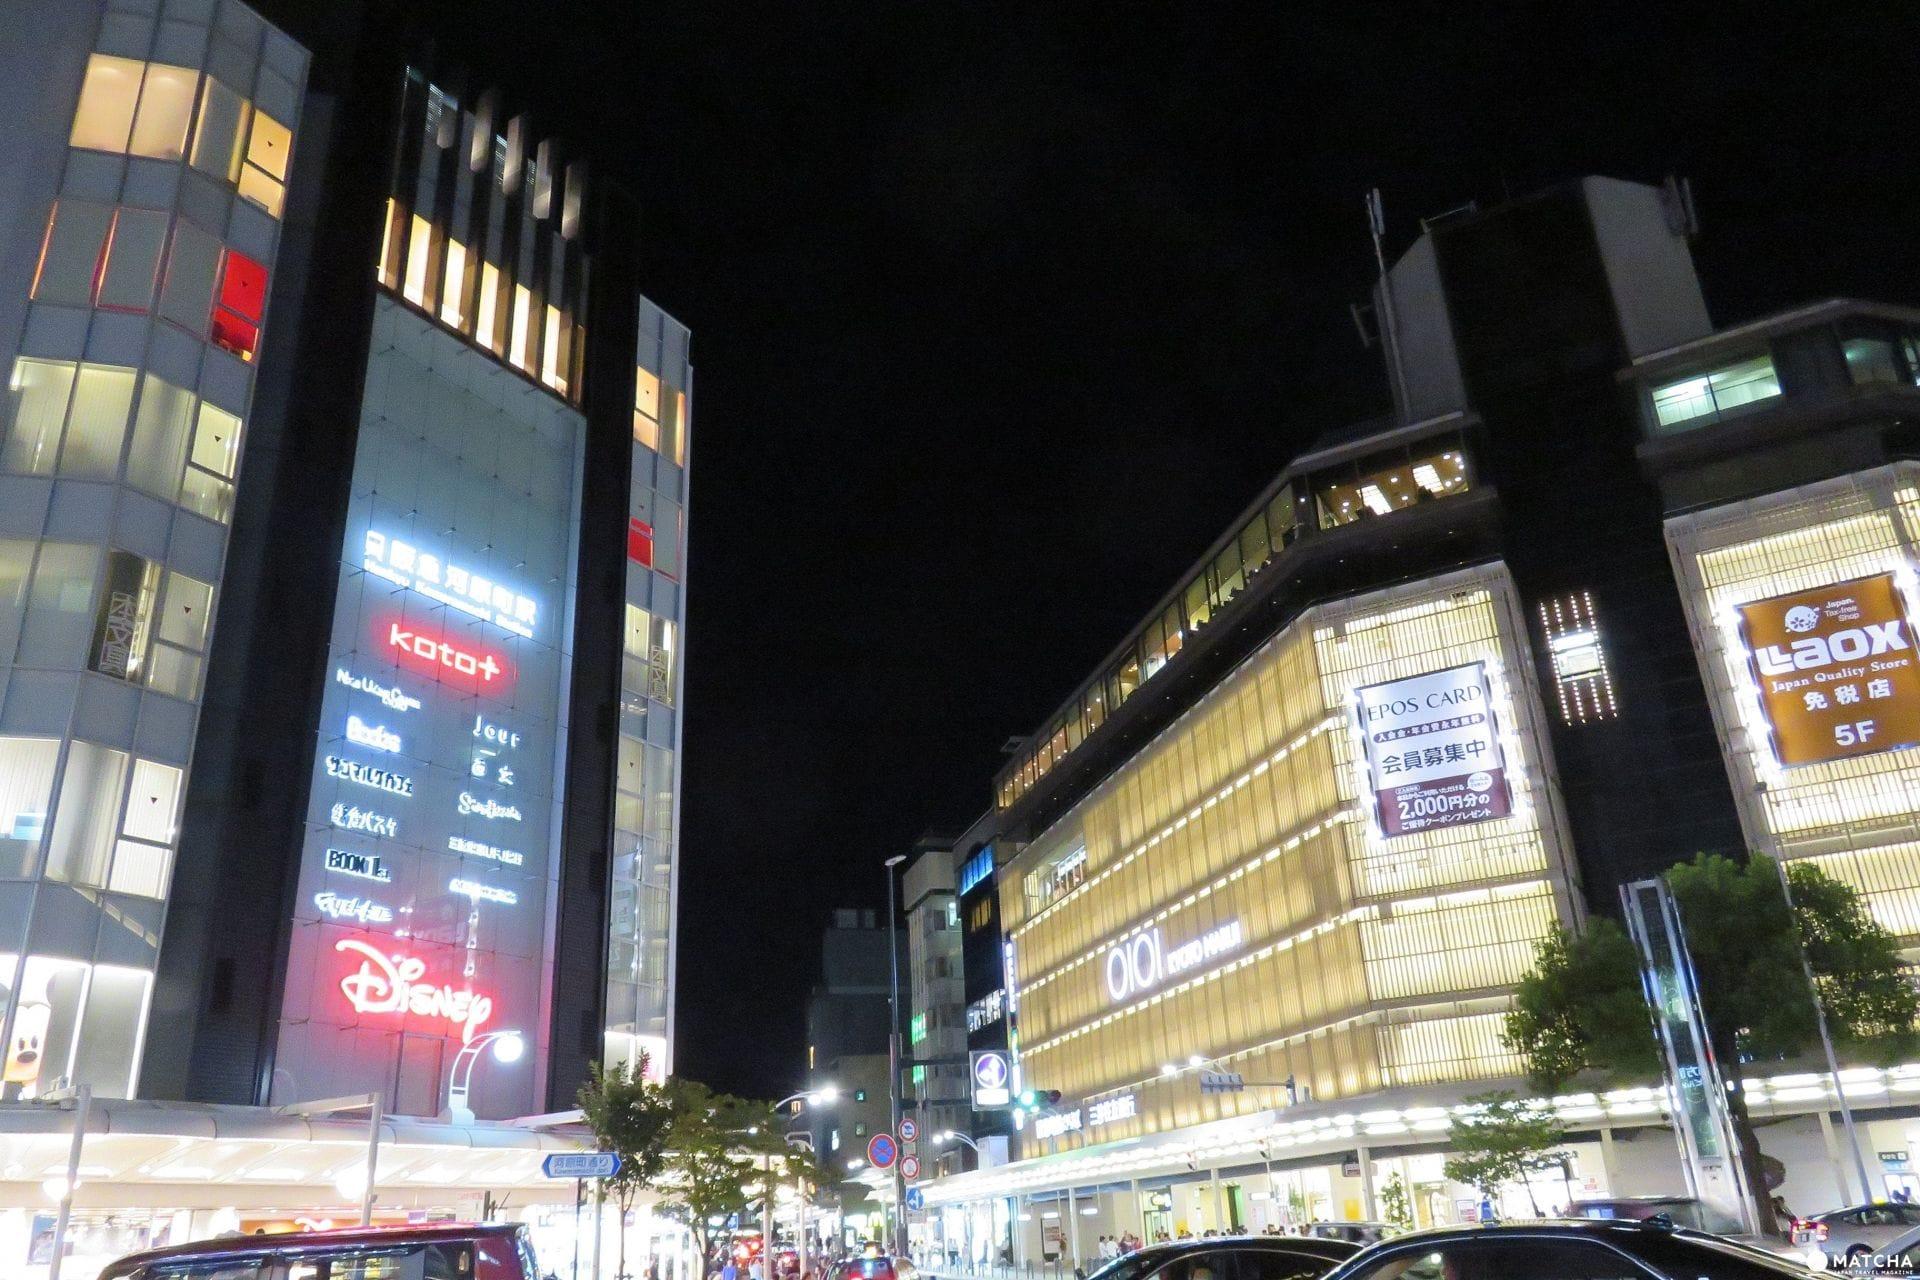 【京都】下雨天逛街就對了!完全不怕淋雨的京都逛街指南